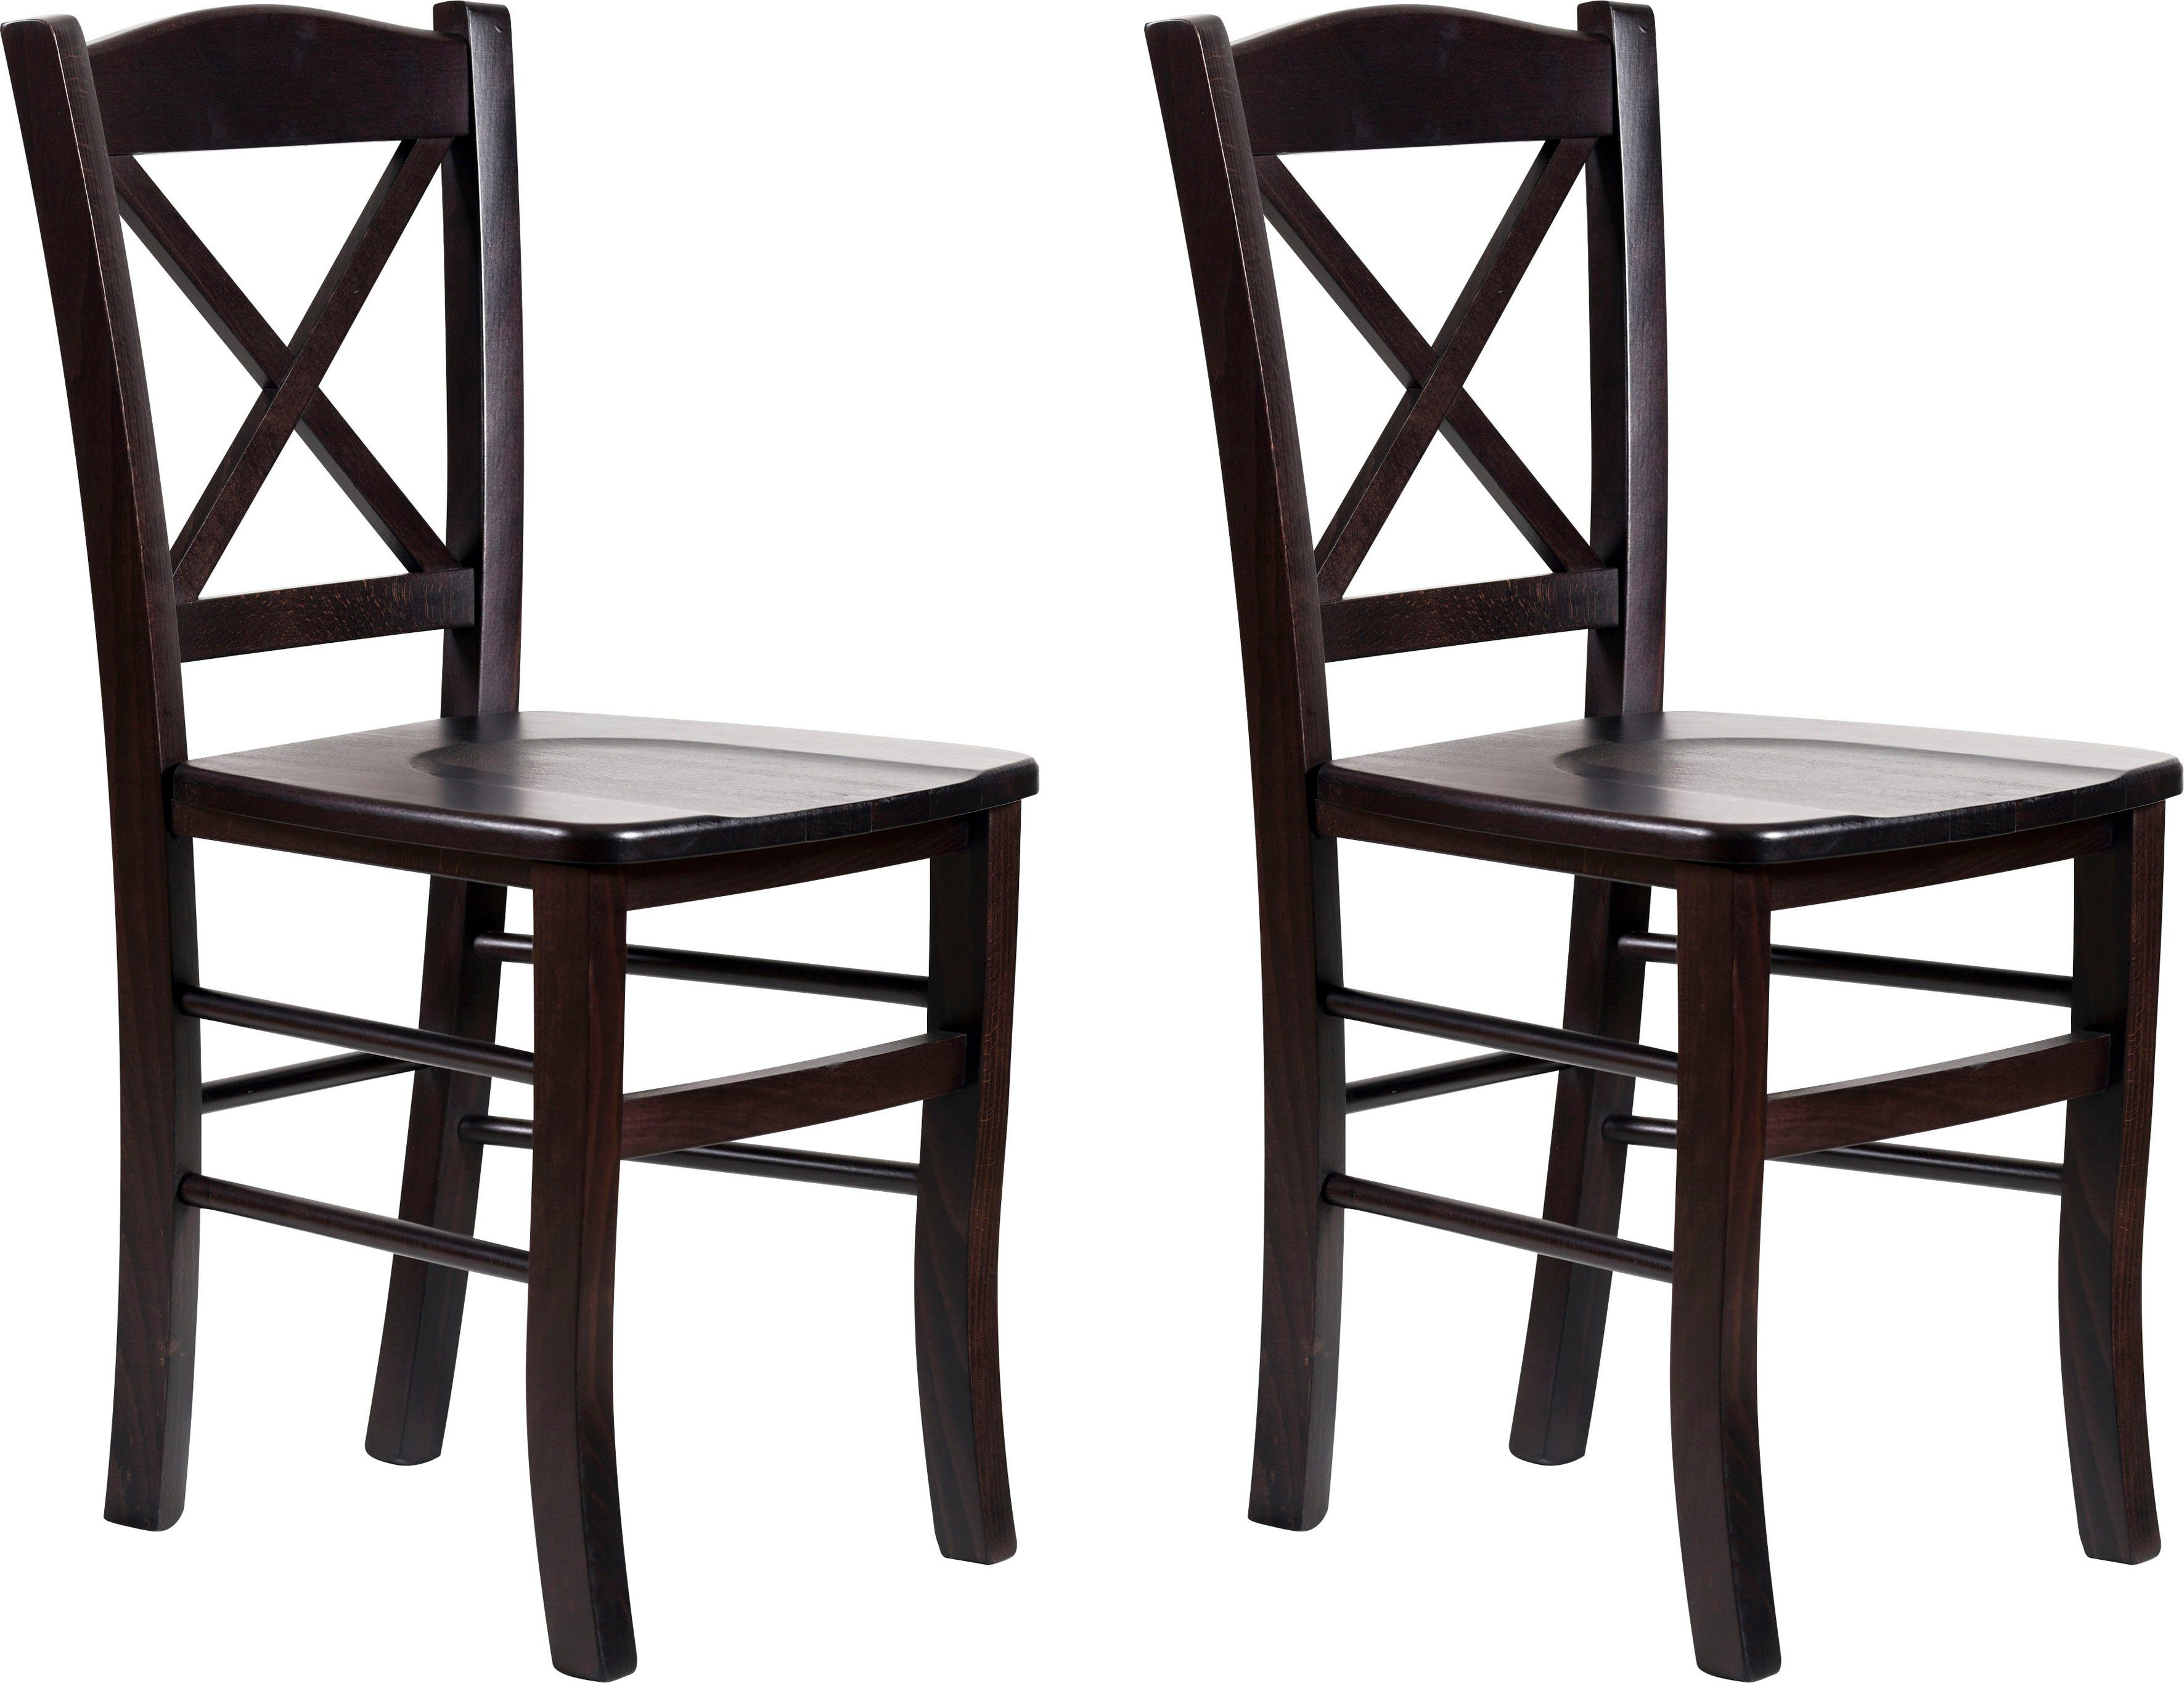 Home affaire 4-Fußstuhl Clayton beige Holzstühle Stühle Sitzbänke